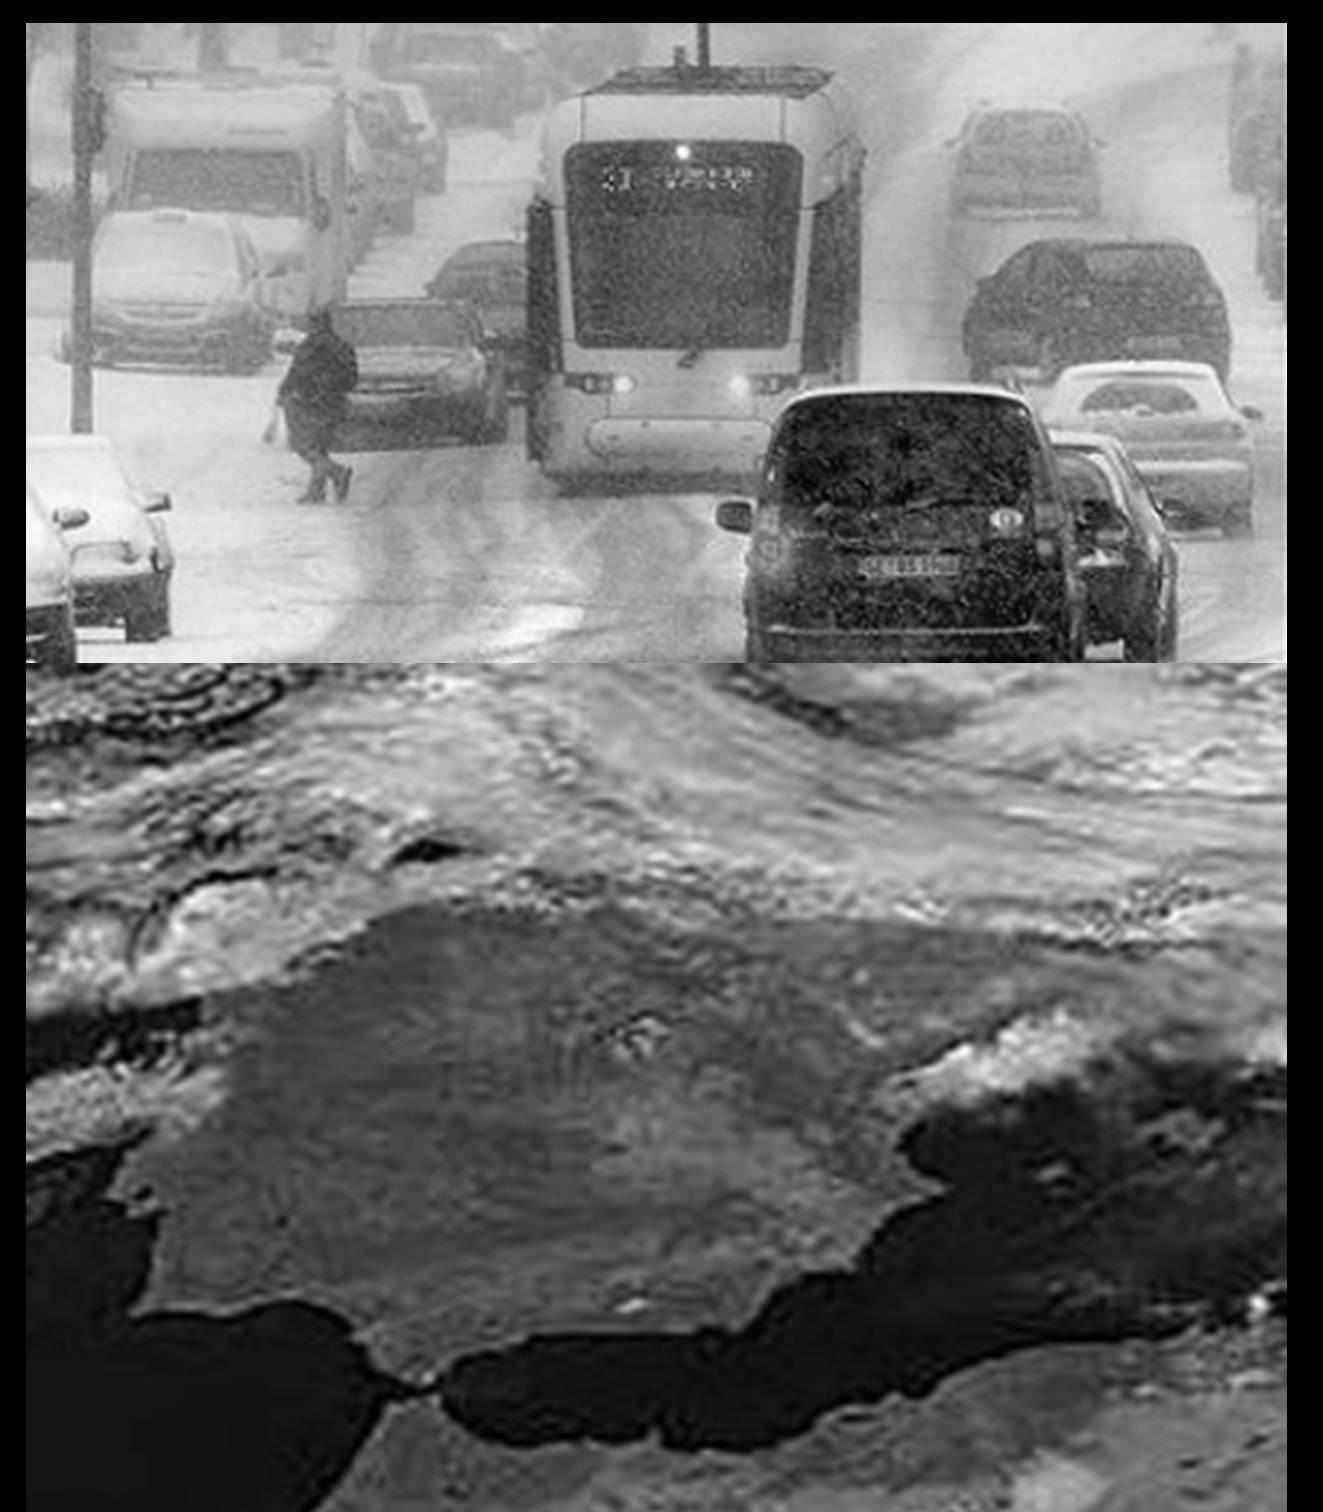 Existe Realmente El Cambio Climatico Ola De Frio